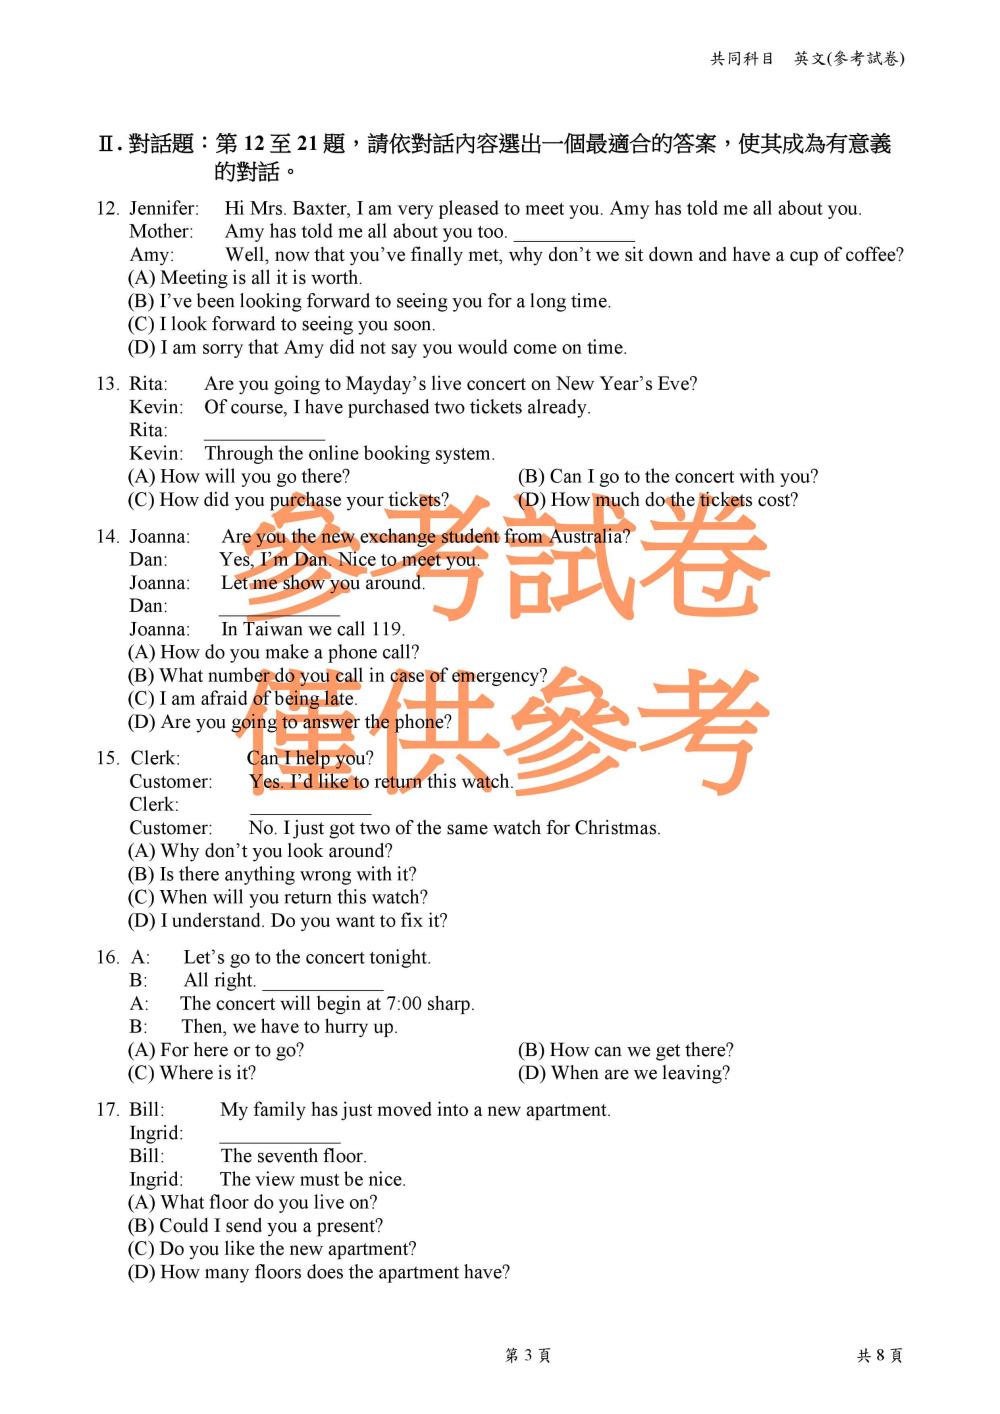 統測共同科目英文科參考試卷 0003